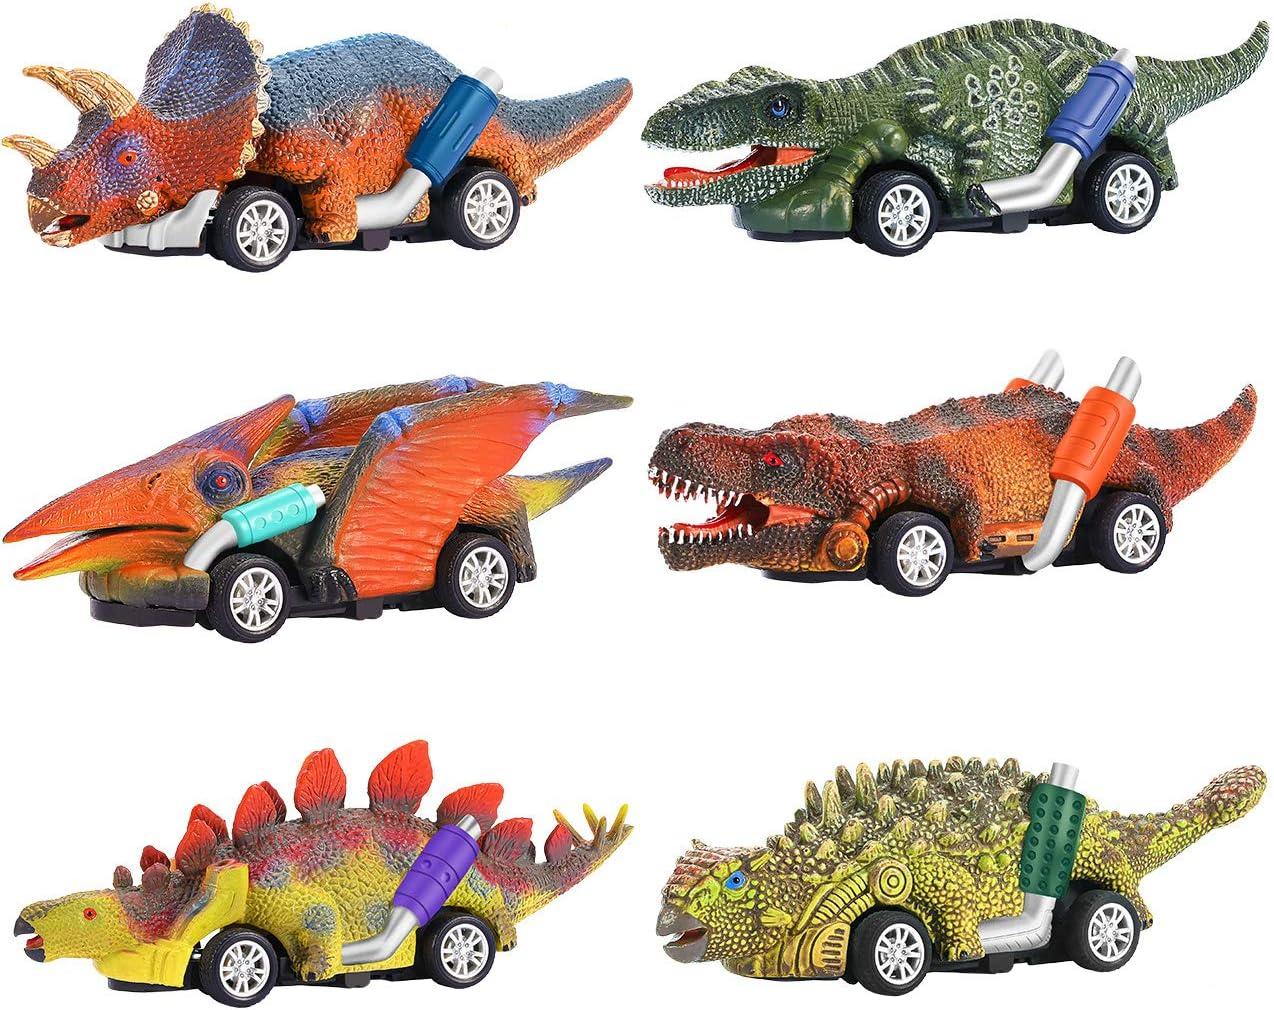 Dreamingbox 2021 Juego de Juguetes de Dinosaurio para Coche - Paquete de 6 - Juguetes & Regalos para Niños